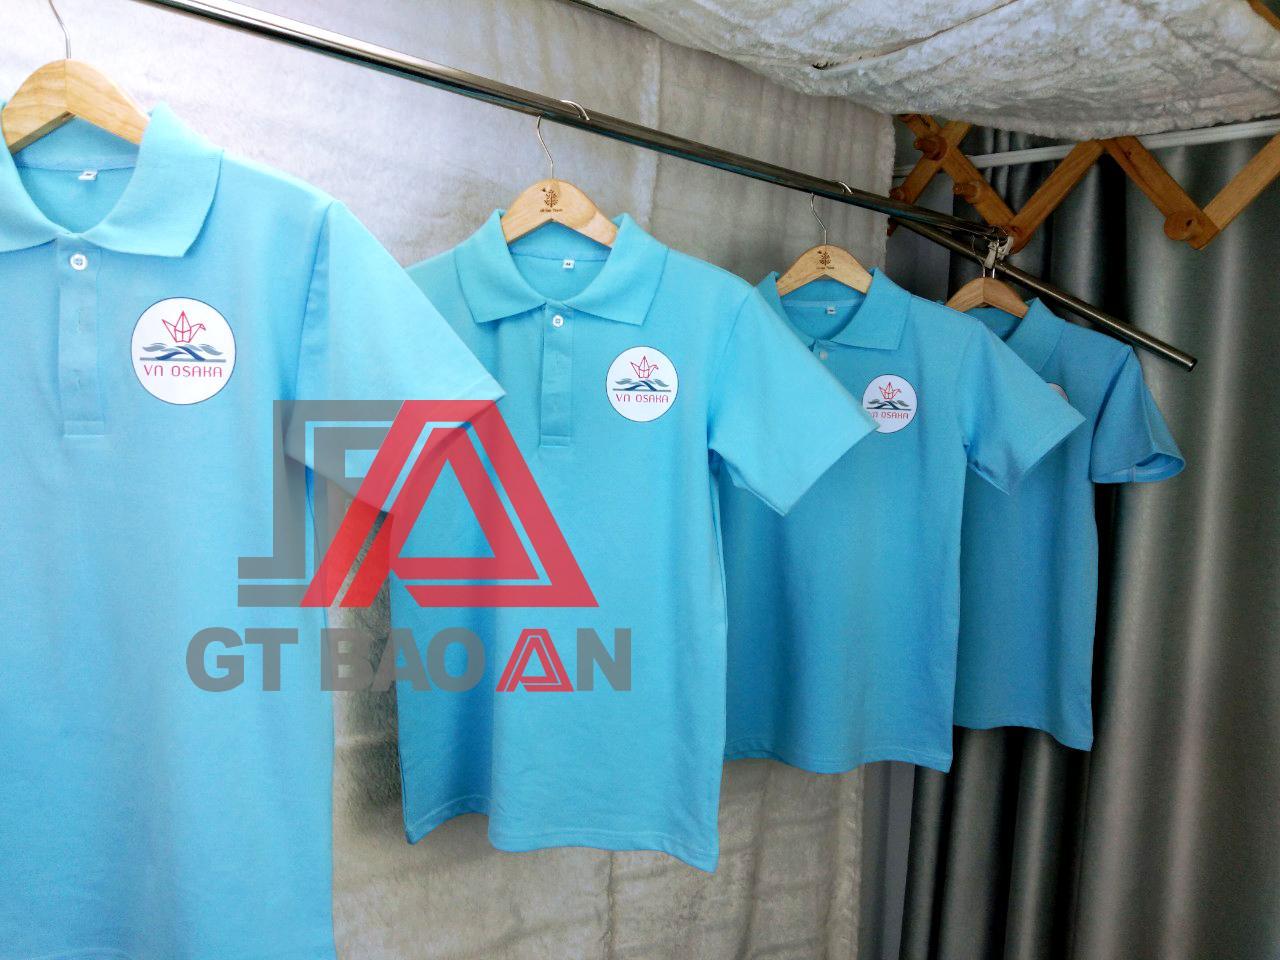 Áo thun đồng phục nhân viên công ty VN OSAKA